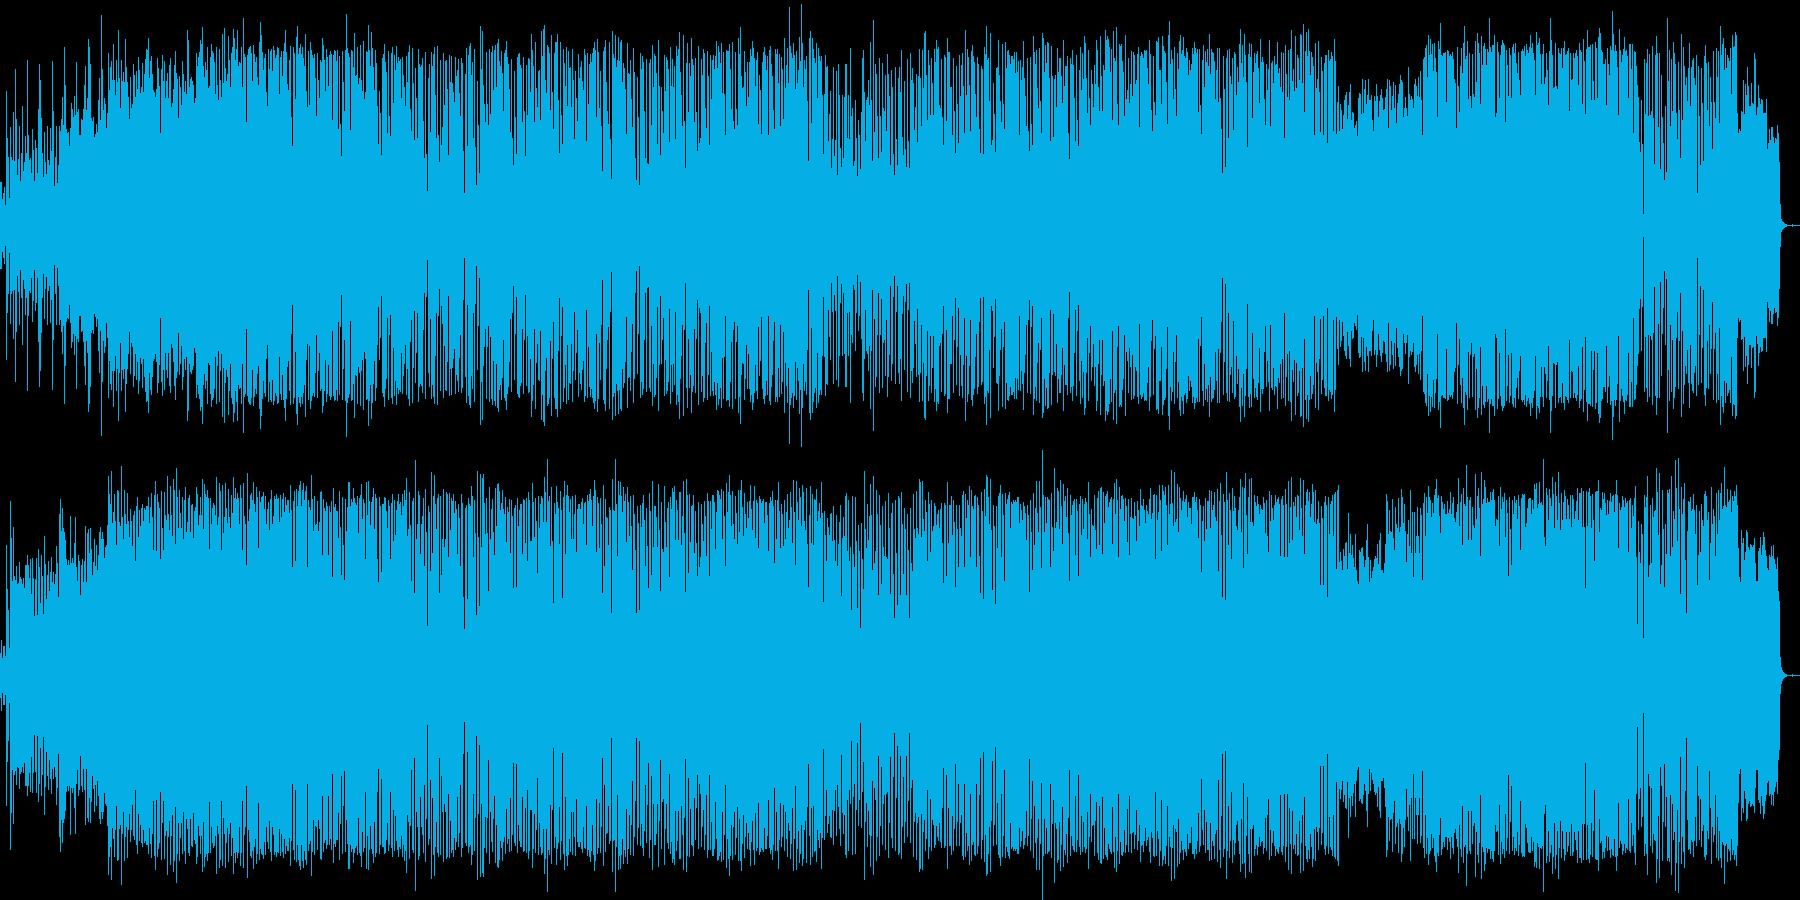 ピアノとシンセがメインのハウス風BGMの再生済みの波形